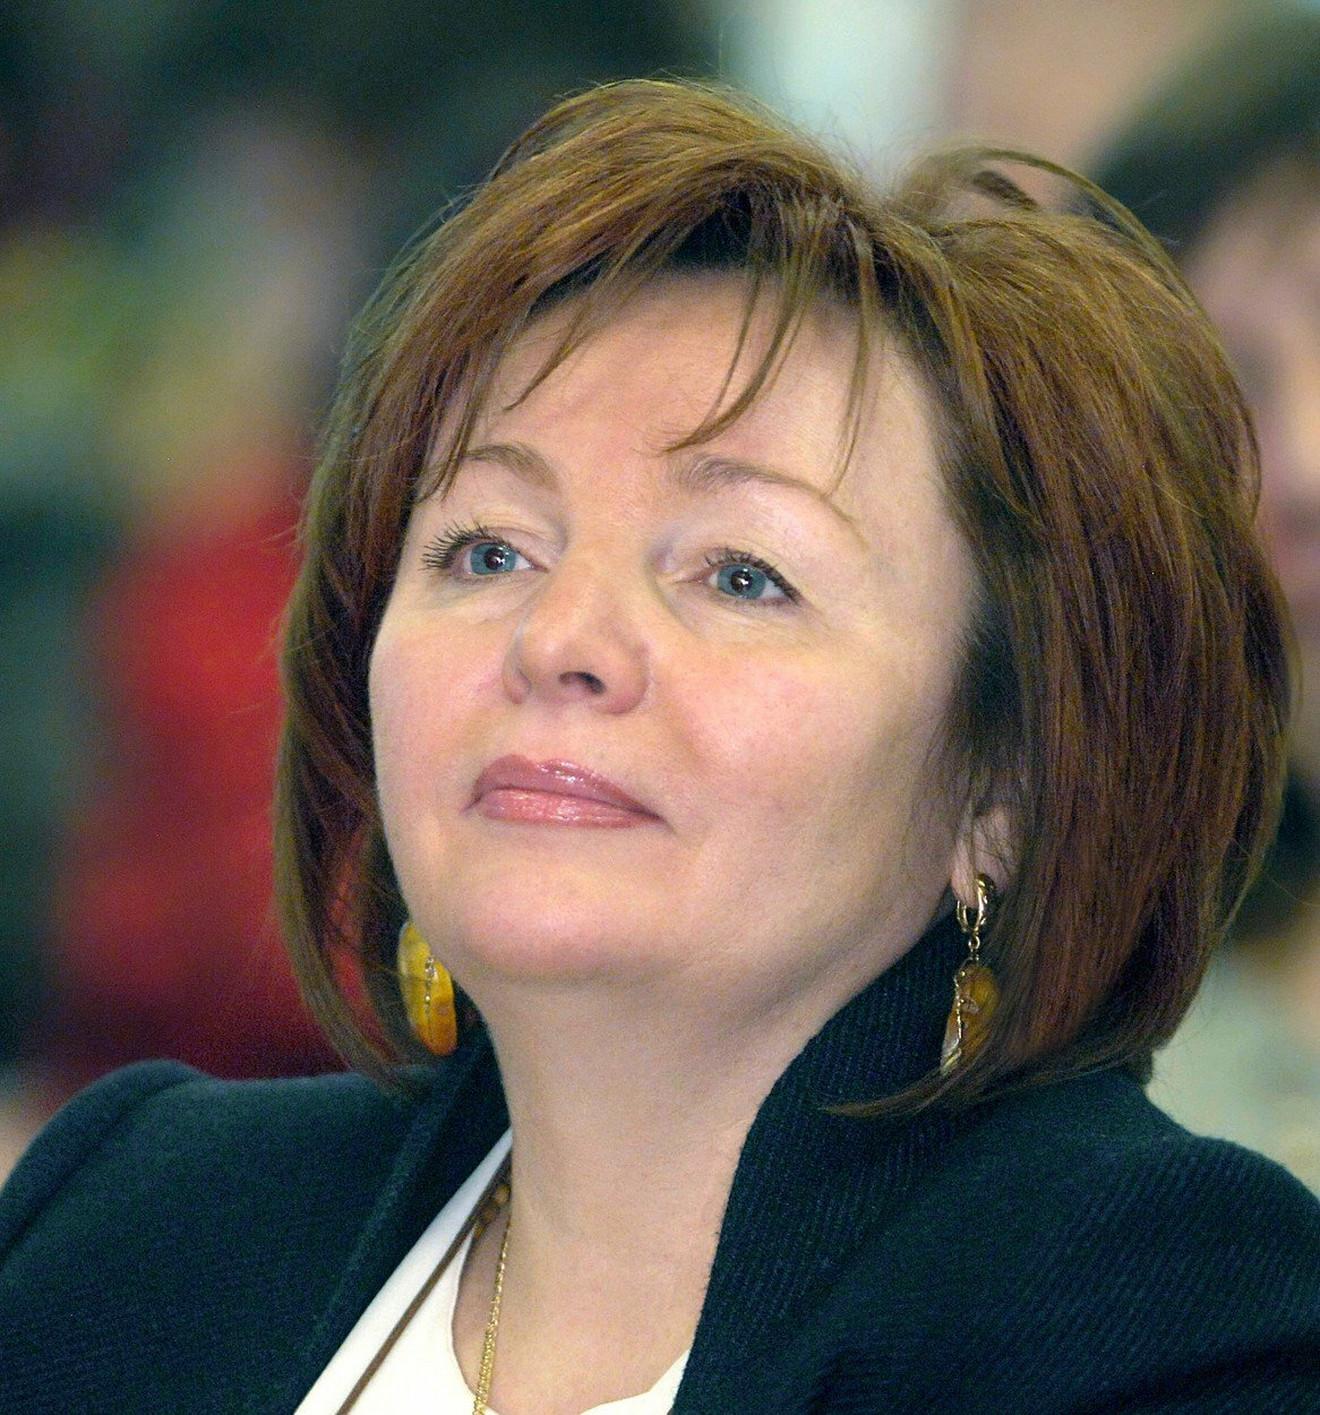 Ljudima, prva i zasad jedina žena kojom se Putin oženio